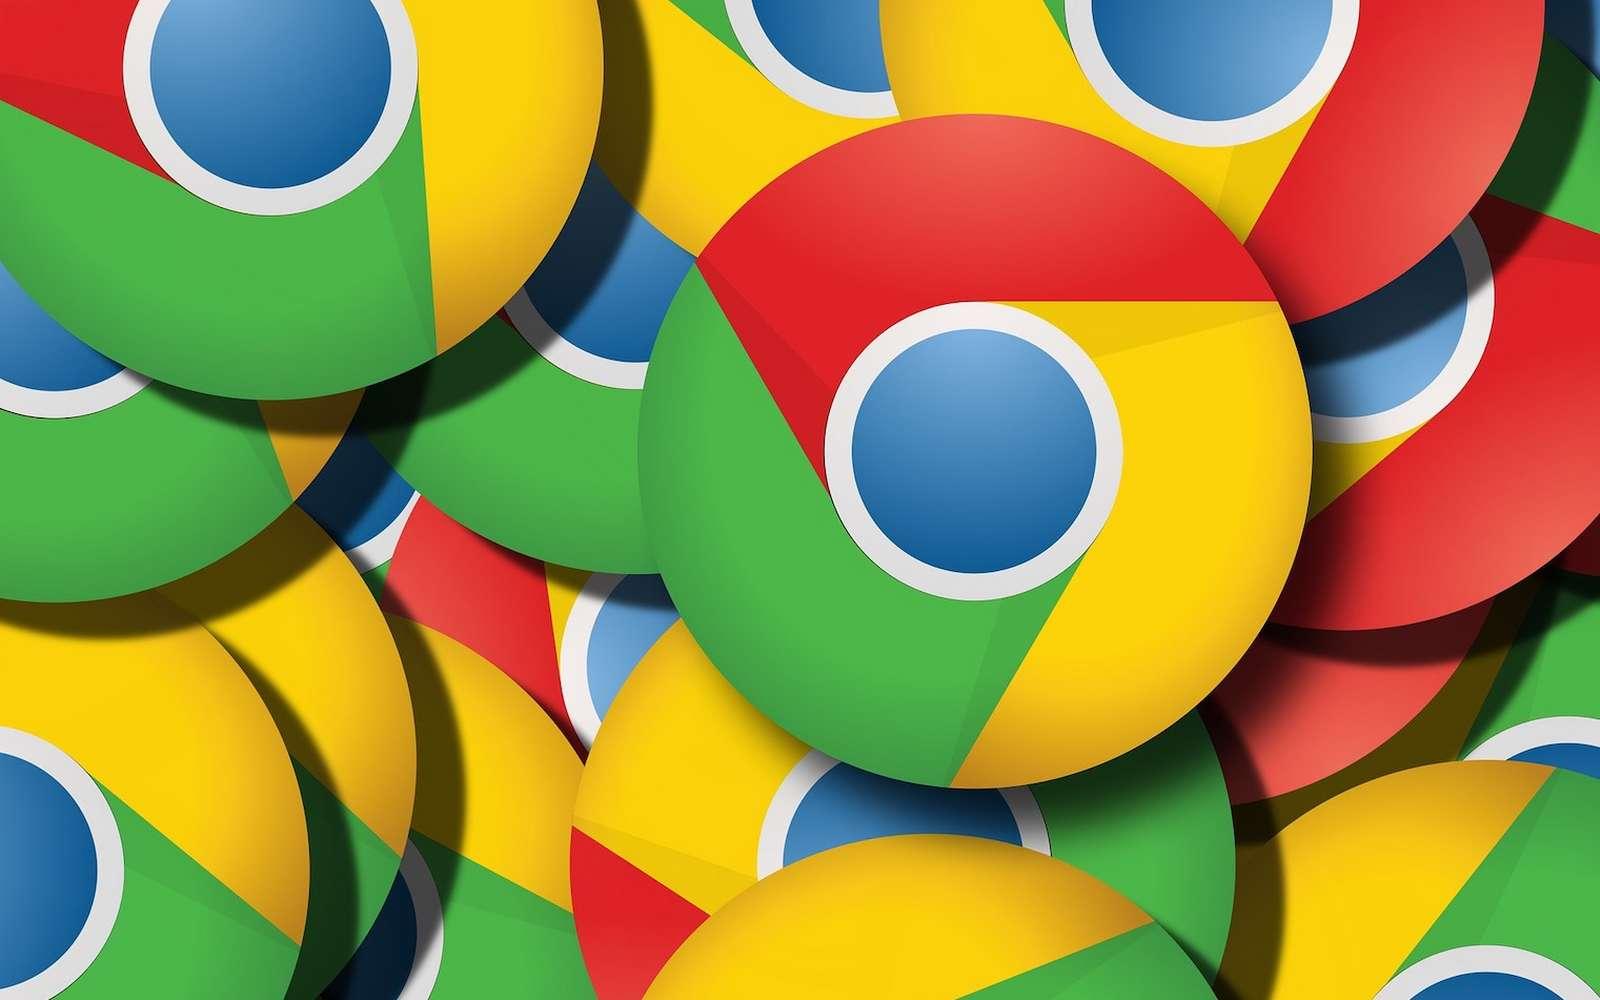 Le navigateur Chrome est le plus utilisé au monde avec plus de 60 % de parts de marché. © Pixabay / Geralt